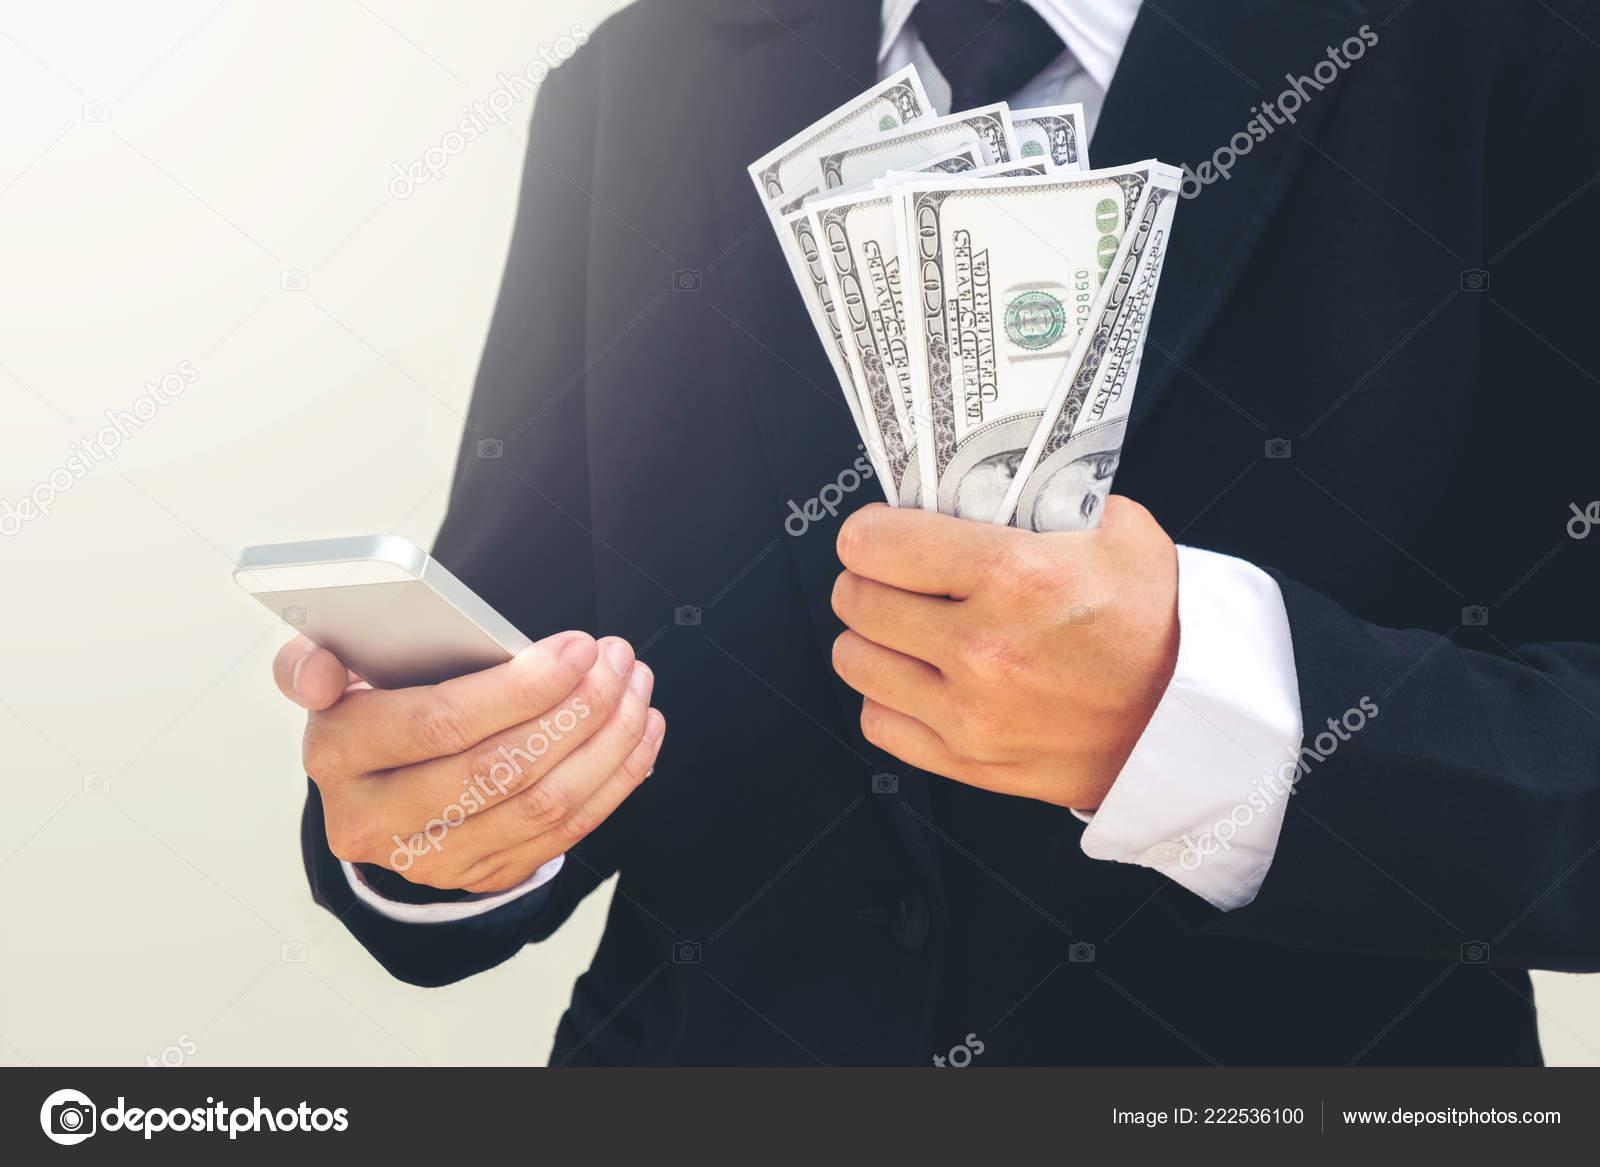 Business Mann Versteckt Geld Tasche Finanz Konzept Stockfoto